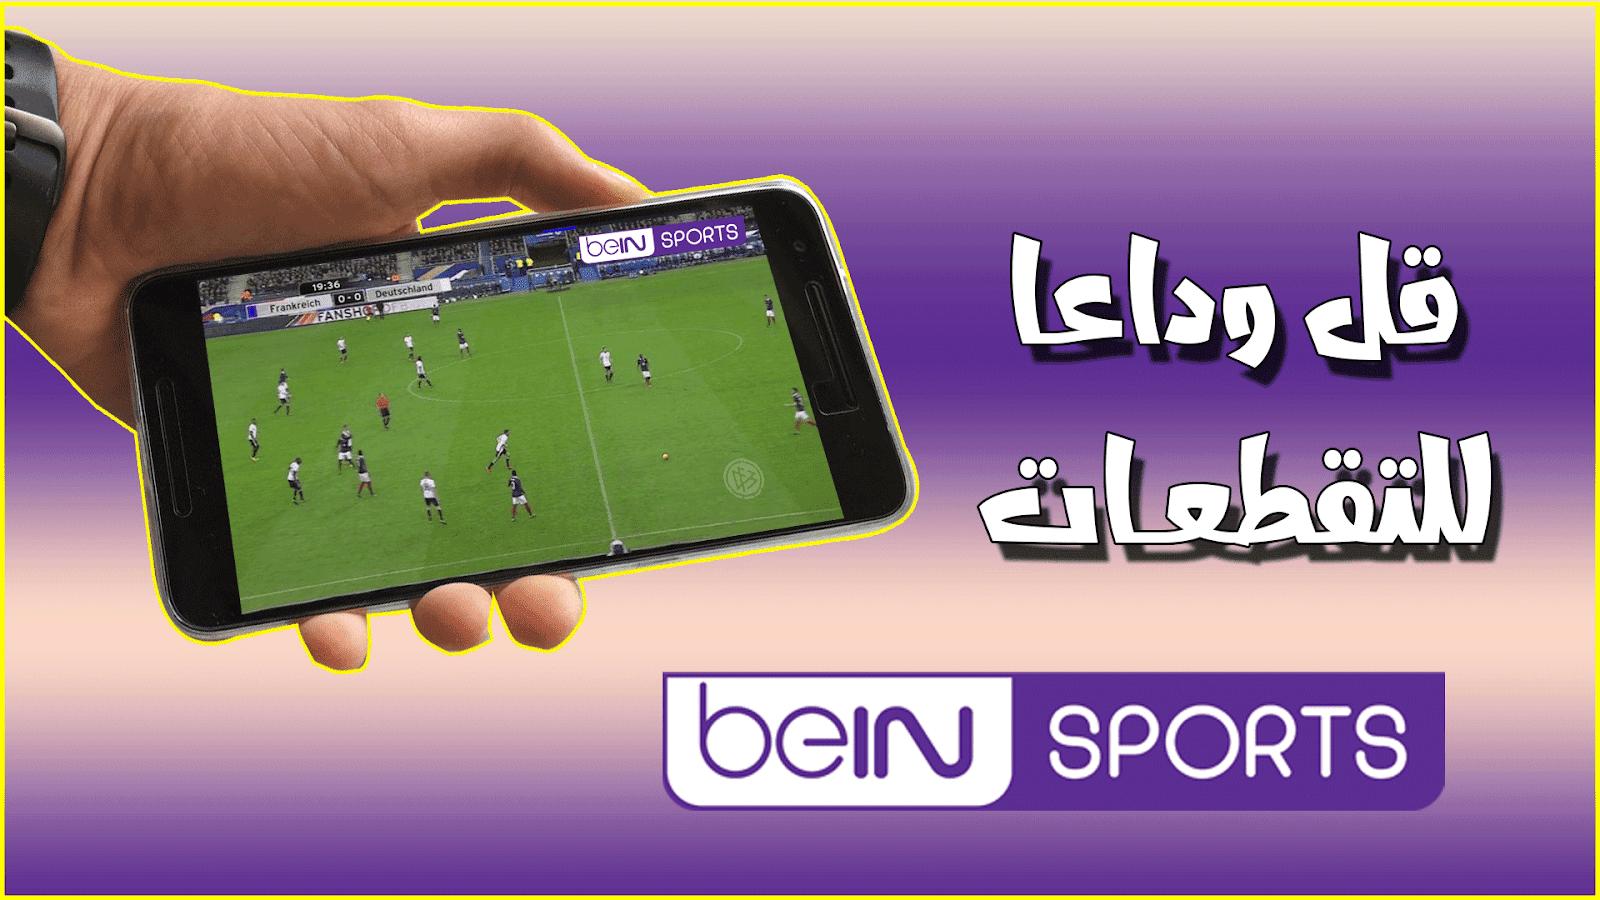 تحميل تطبيق OLA TV الضخم لمشاهدة جميع قنوات العالم المشفرة